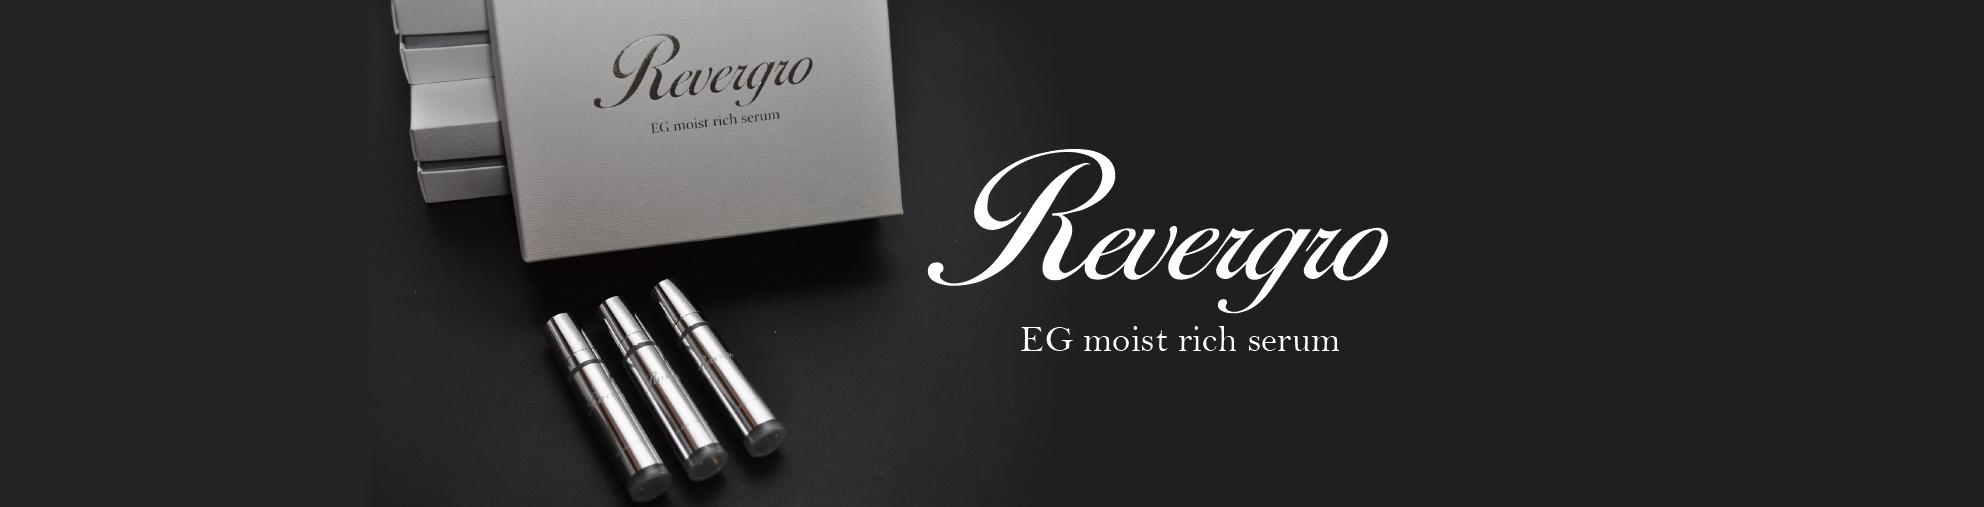 Revergro リバグロ ヘッダー画像